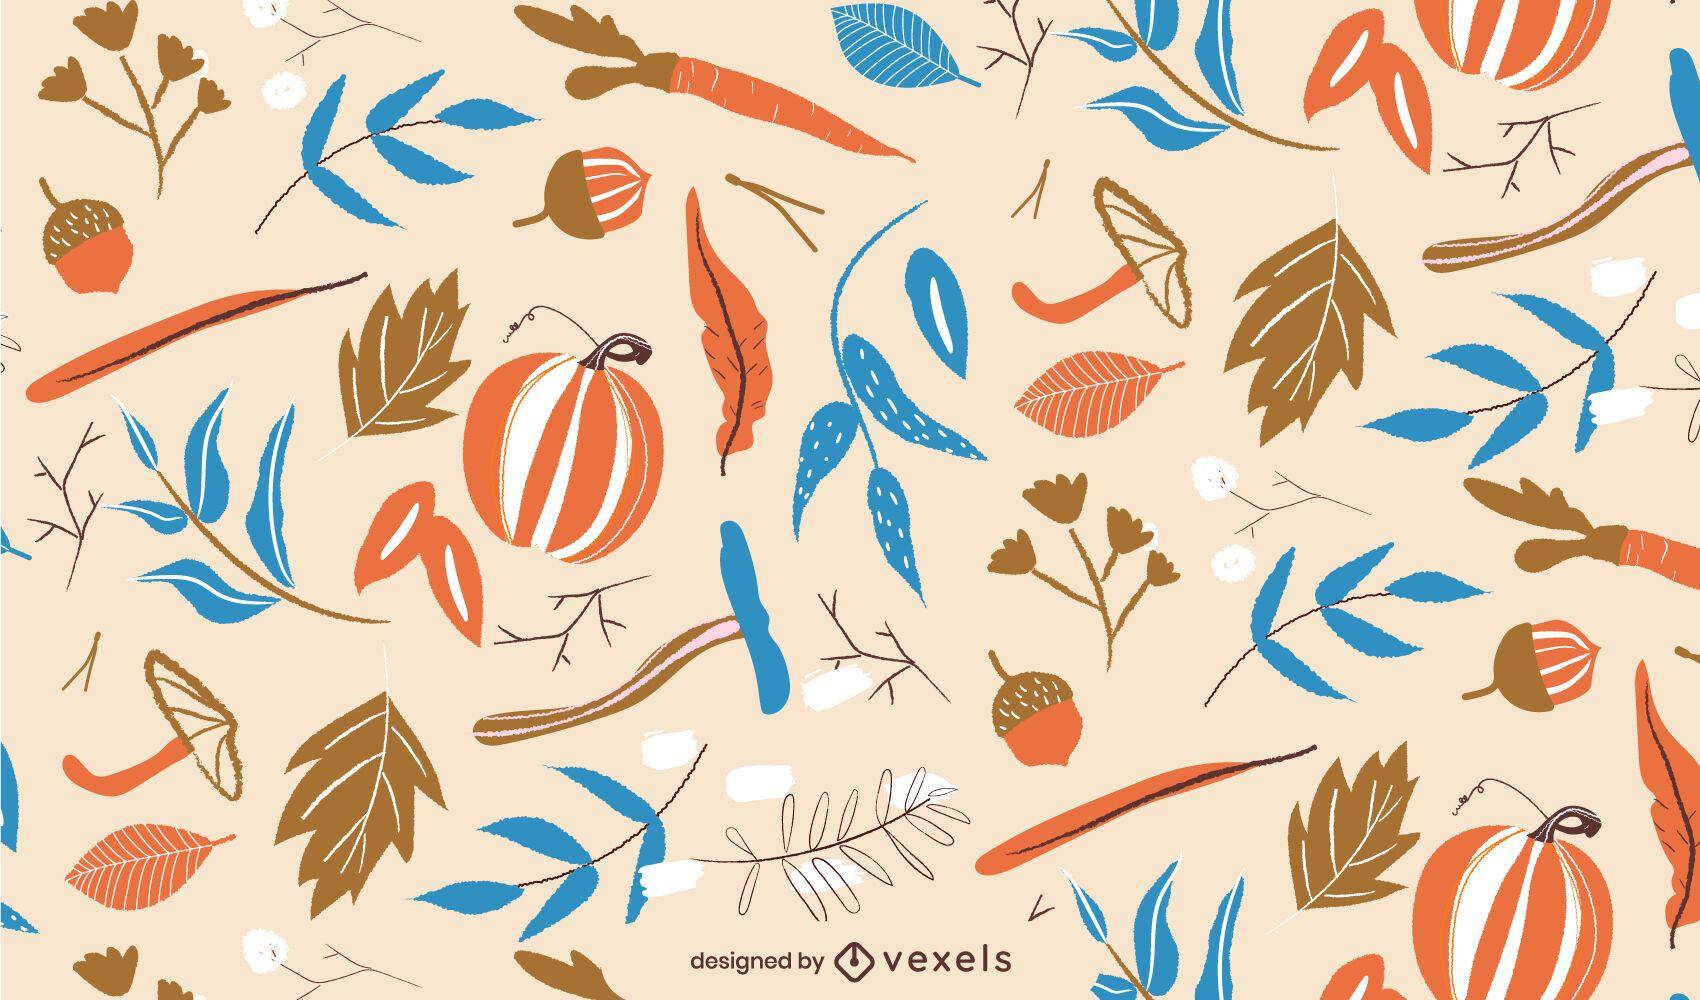 Autumn nature pattern design